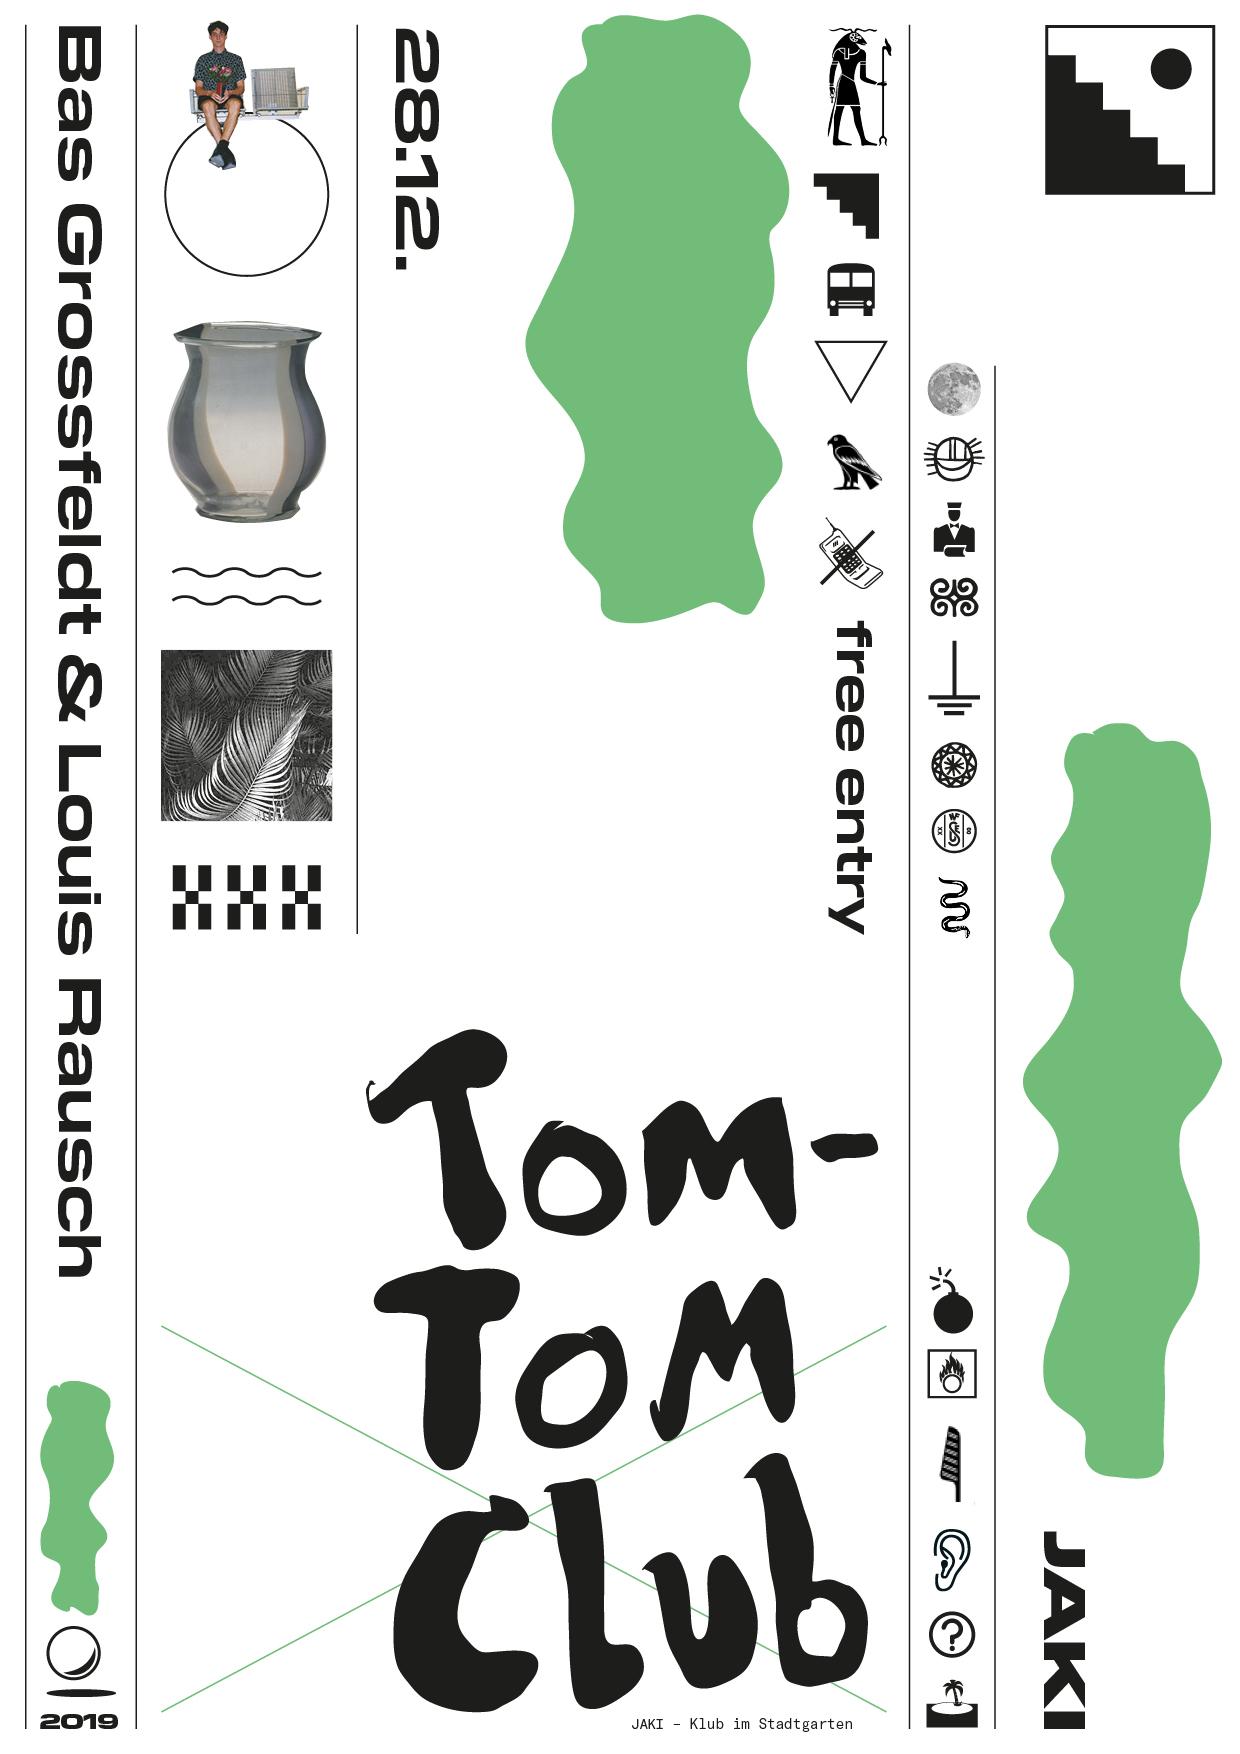 TomTom_Dezember_Einzelposter_1228